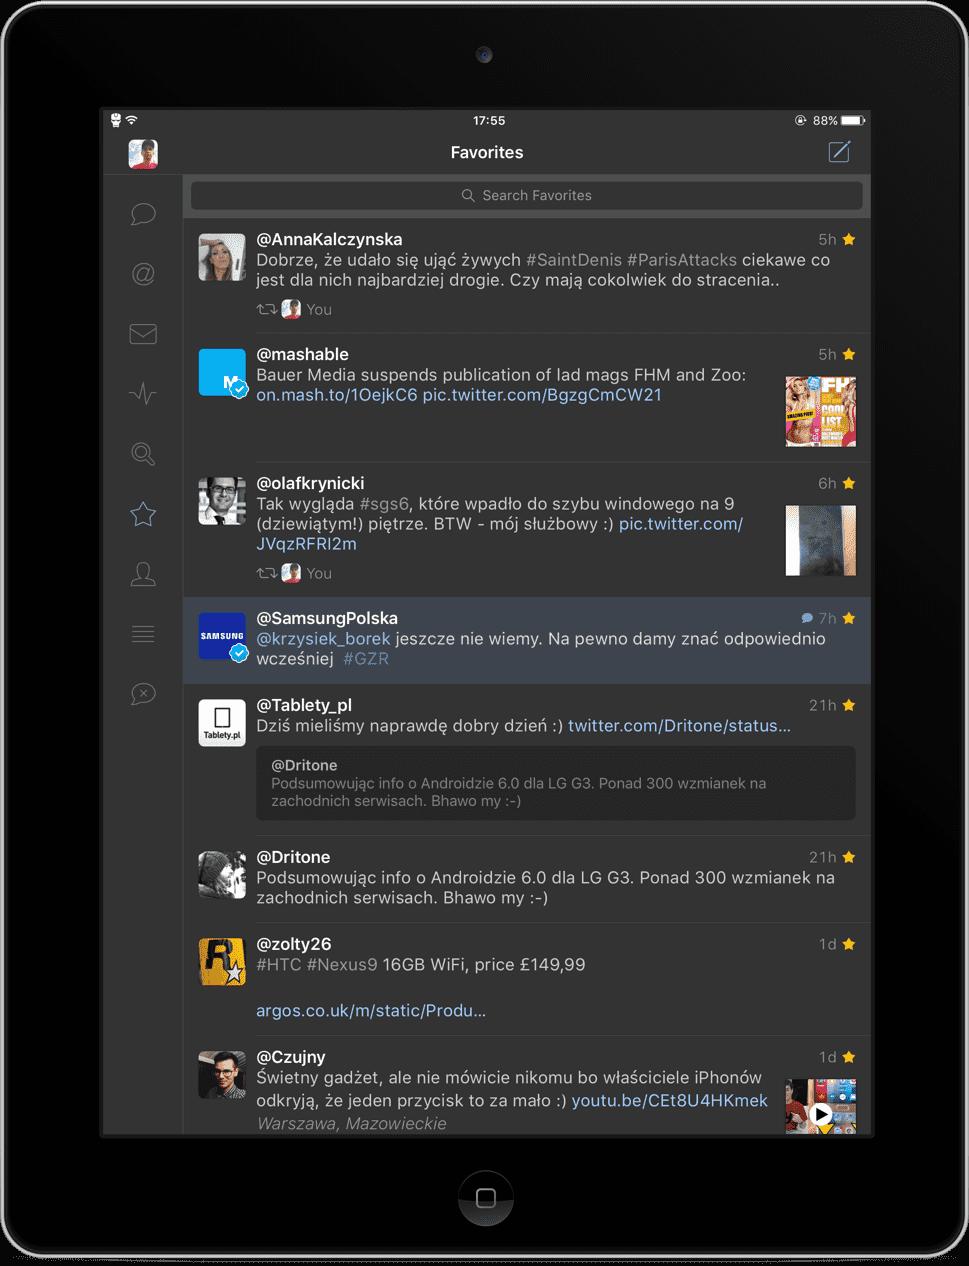 Tweetbot 4 - recenzja aplikacji recenzje, ciekawostki Tweetbot 4 polska recenzja, tweetbot 4 na iphone, Tweetbot 4 na iPad, tweetbot 4, recenzja Tweetbot 4  Korzystałem z wielu klientów firm trzecich do używania swojego Twittera, wiele z nich było udanych, a inne w ogóle nie odpowiadały moim gustom. W końcu postanowiłem sprawdzić Tweetbota na iOS, choć długo zastanawiałem się nad wydaniem na niego prawie 25 złotych. Teraz wiem, że były to odpowiednio ulokowane pieniądze. IMG 1119